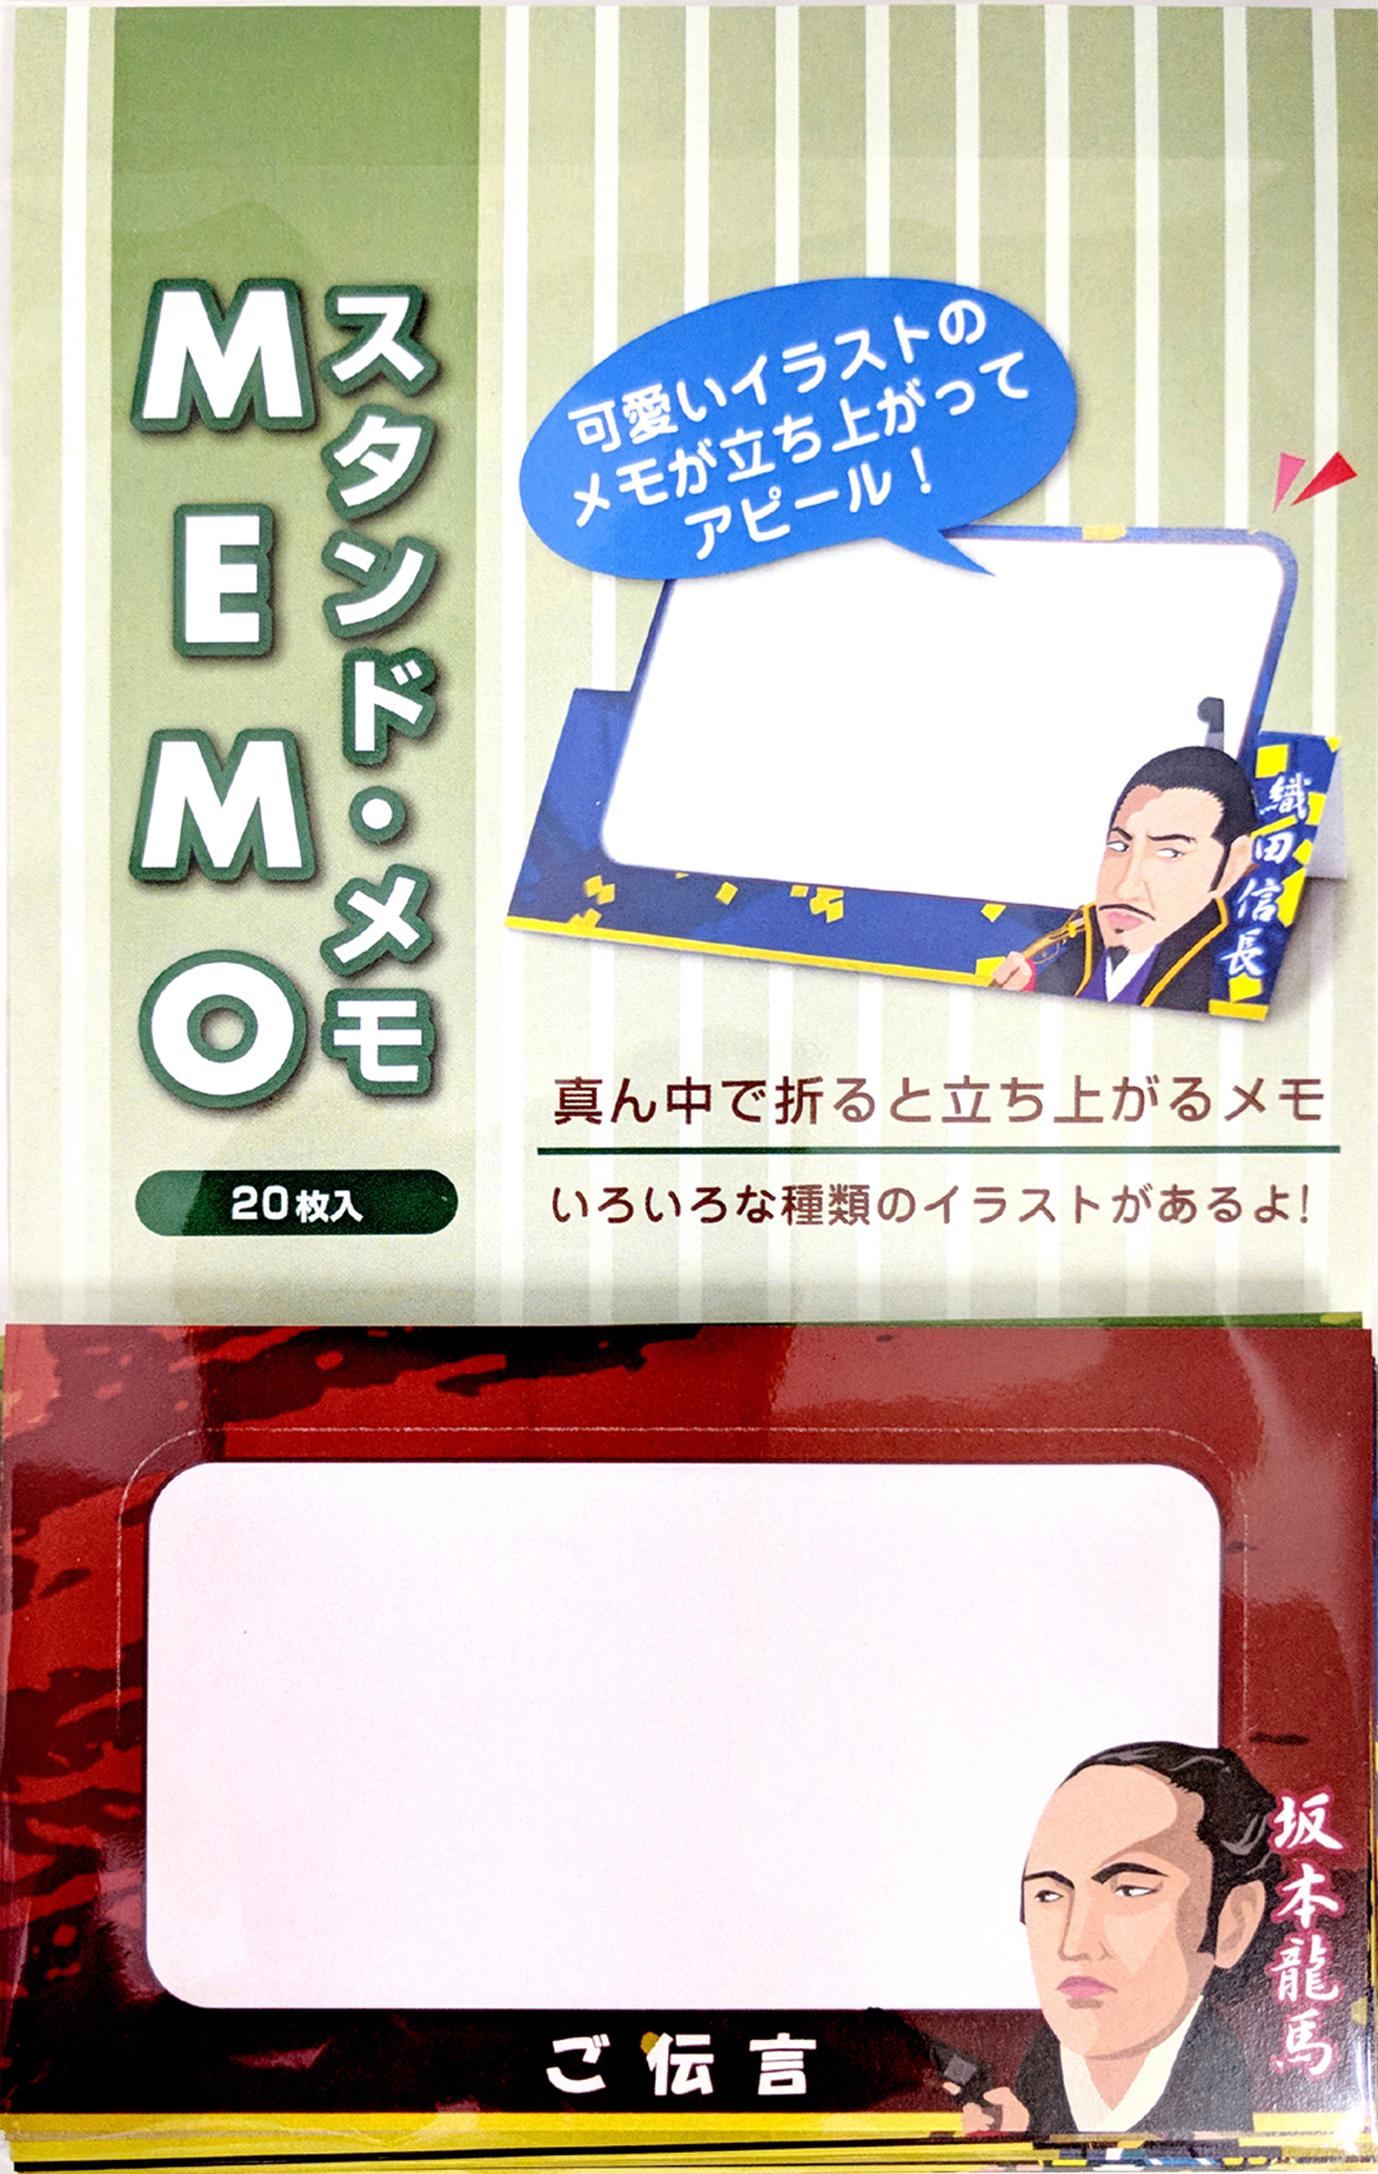 スタンドMEMO(偉人)台紙